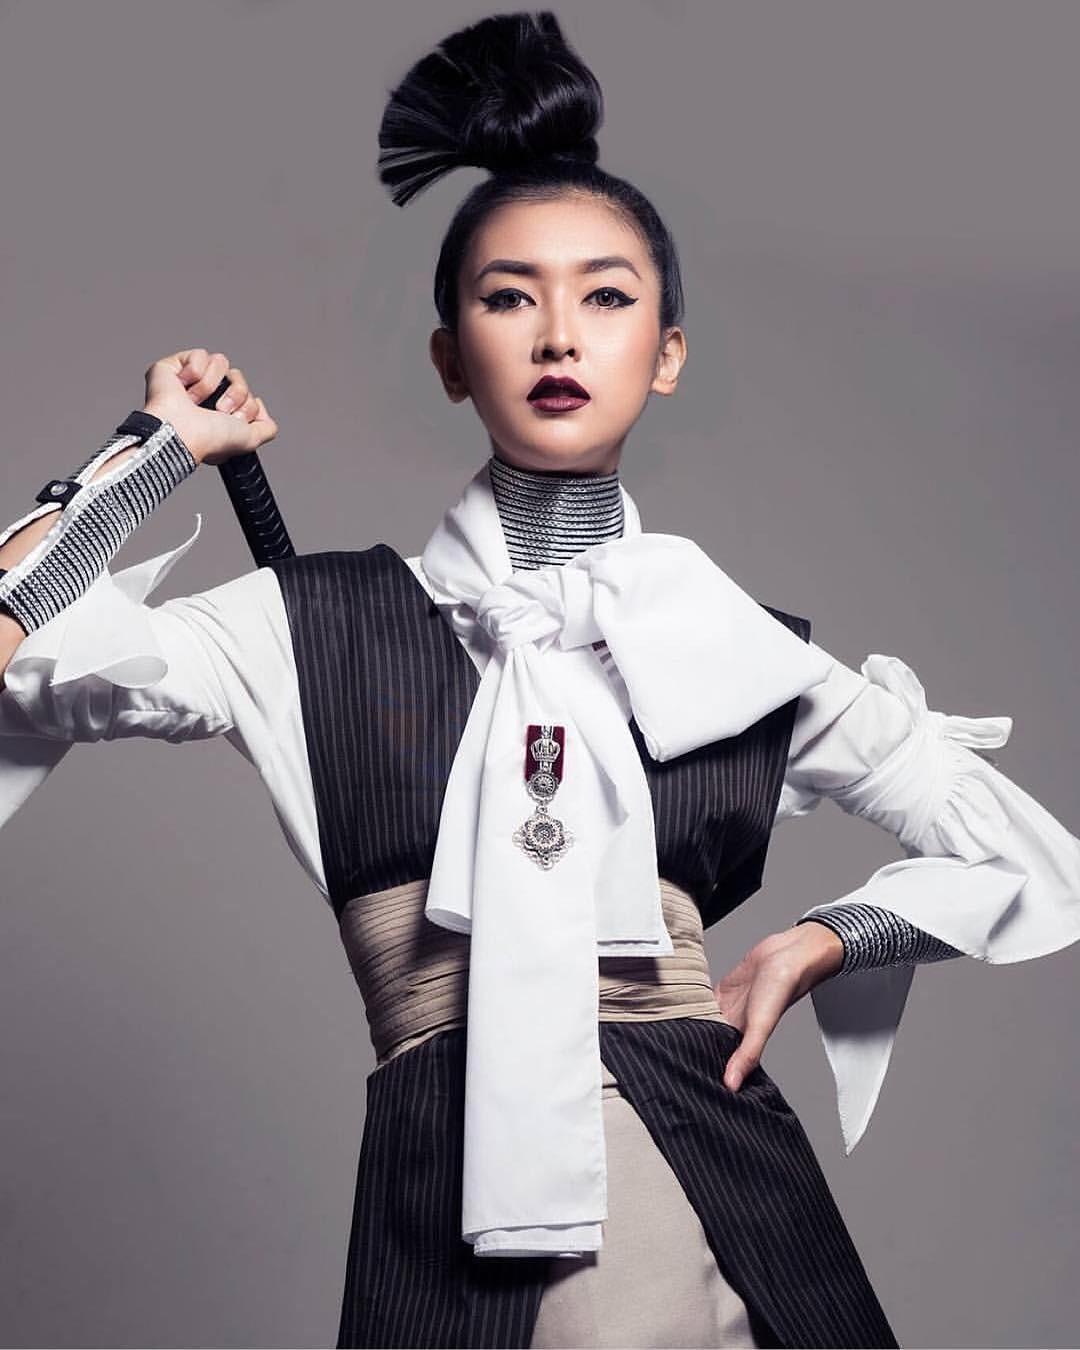 Nhan sắc xinh đẹp của đại diện Indonesia, cô gái đánh bại hơn 70 đối thủ vừa đăng quang Miss International 2017 - Ảnh 13.